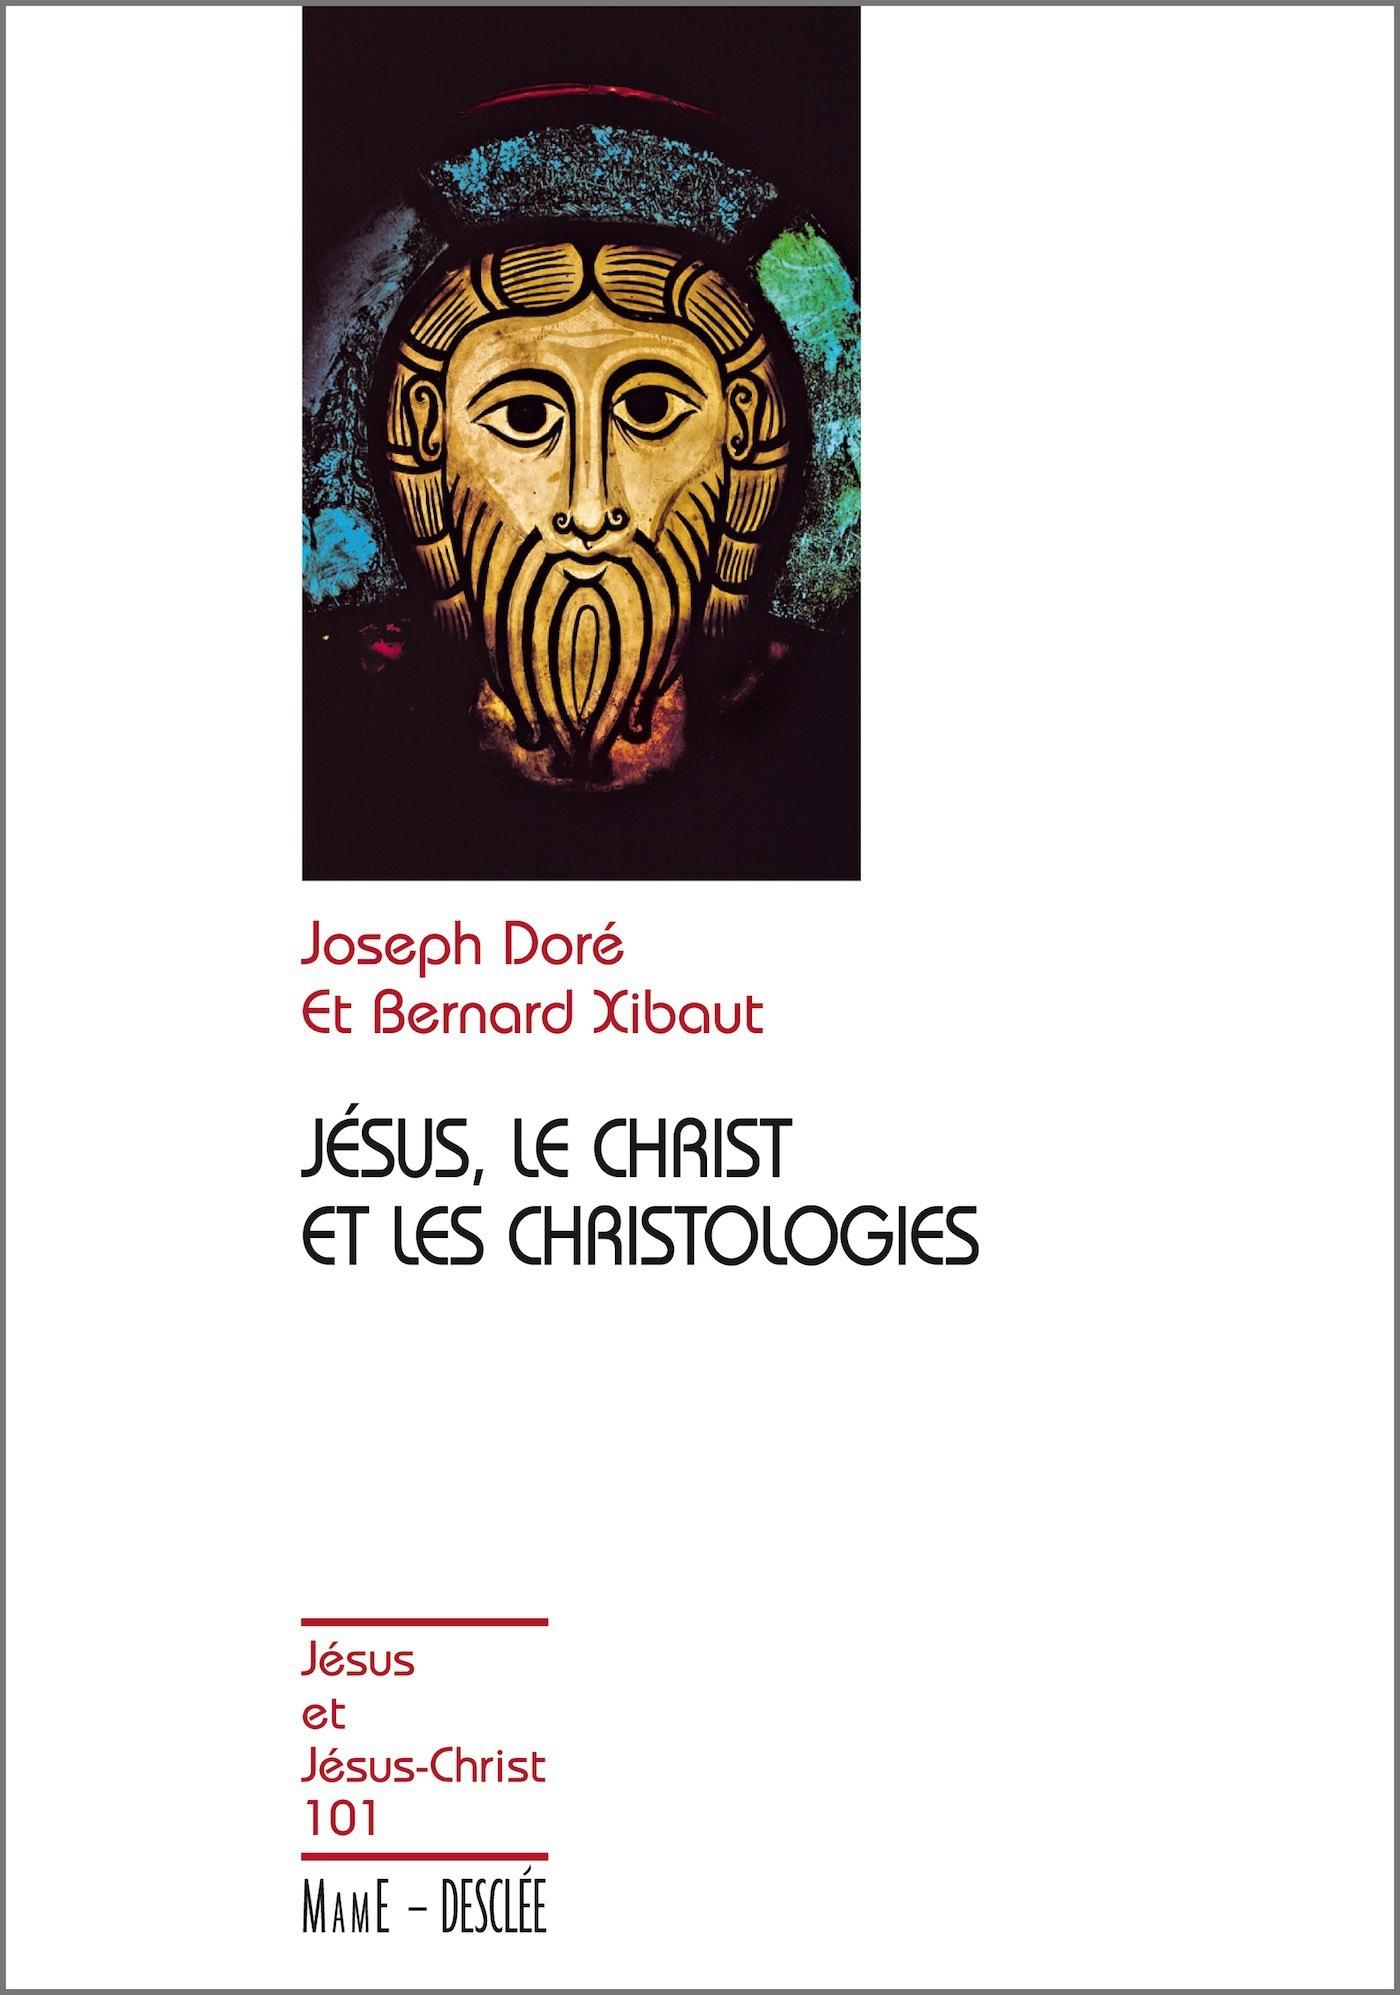 Jésus, le Christ et les christologies, JJC 101